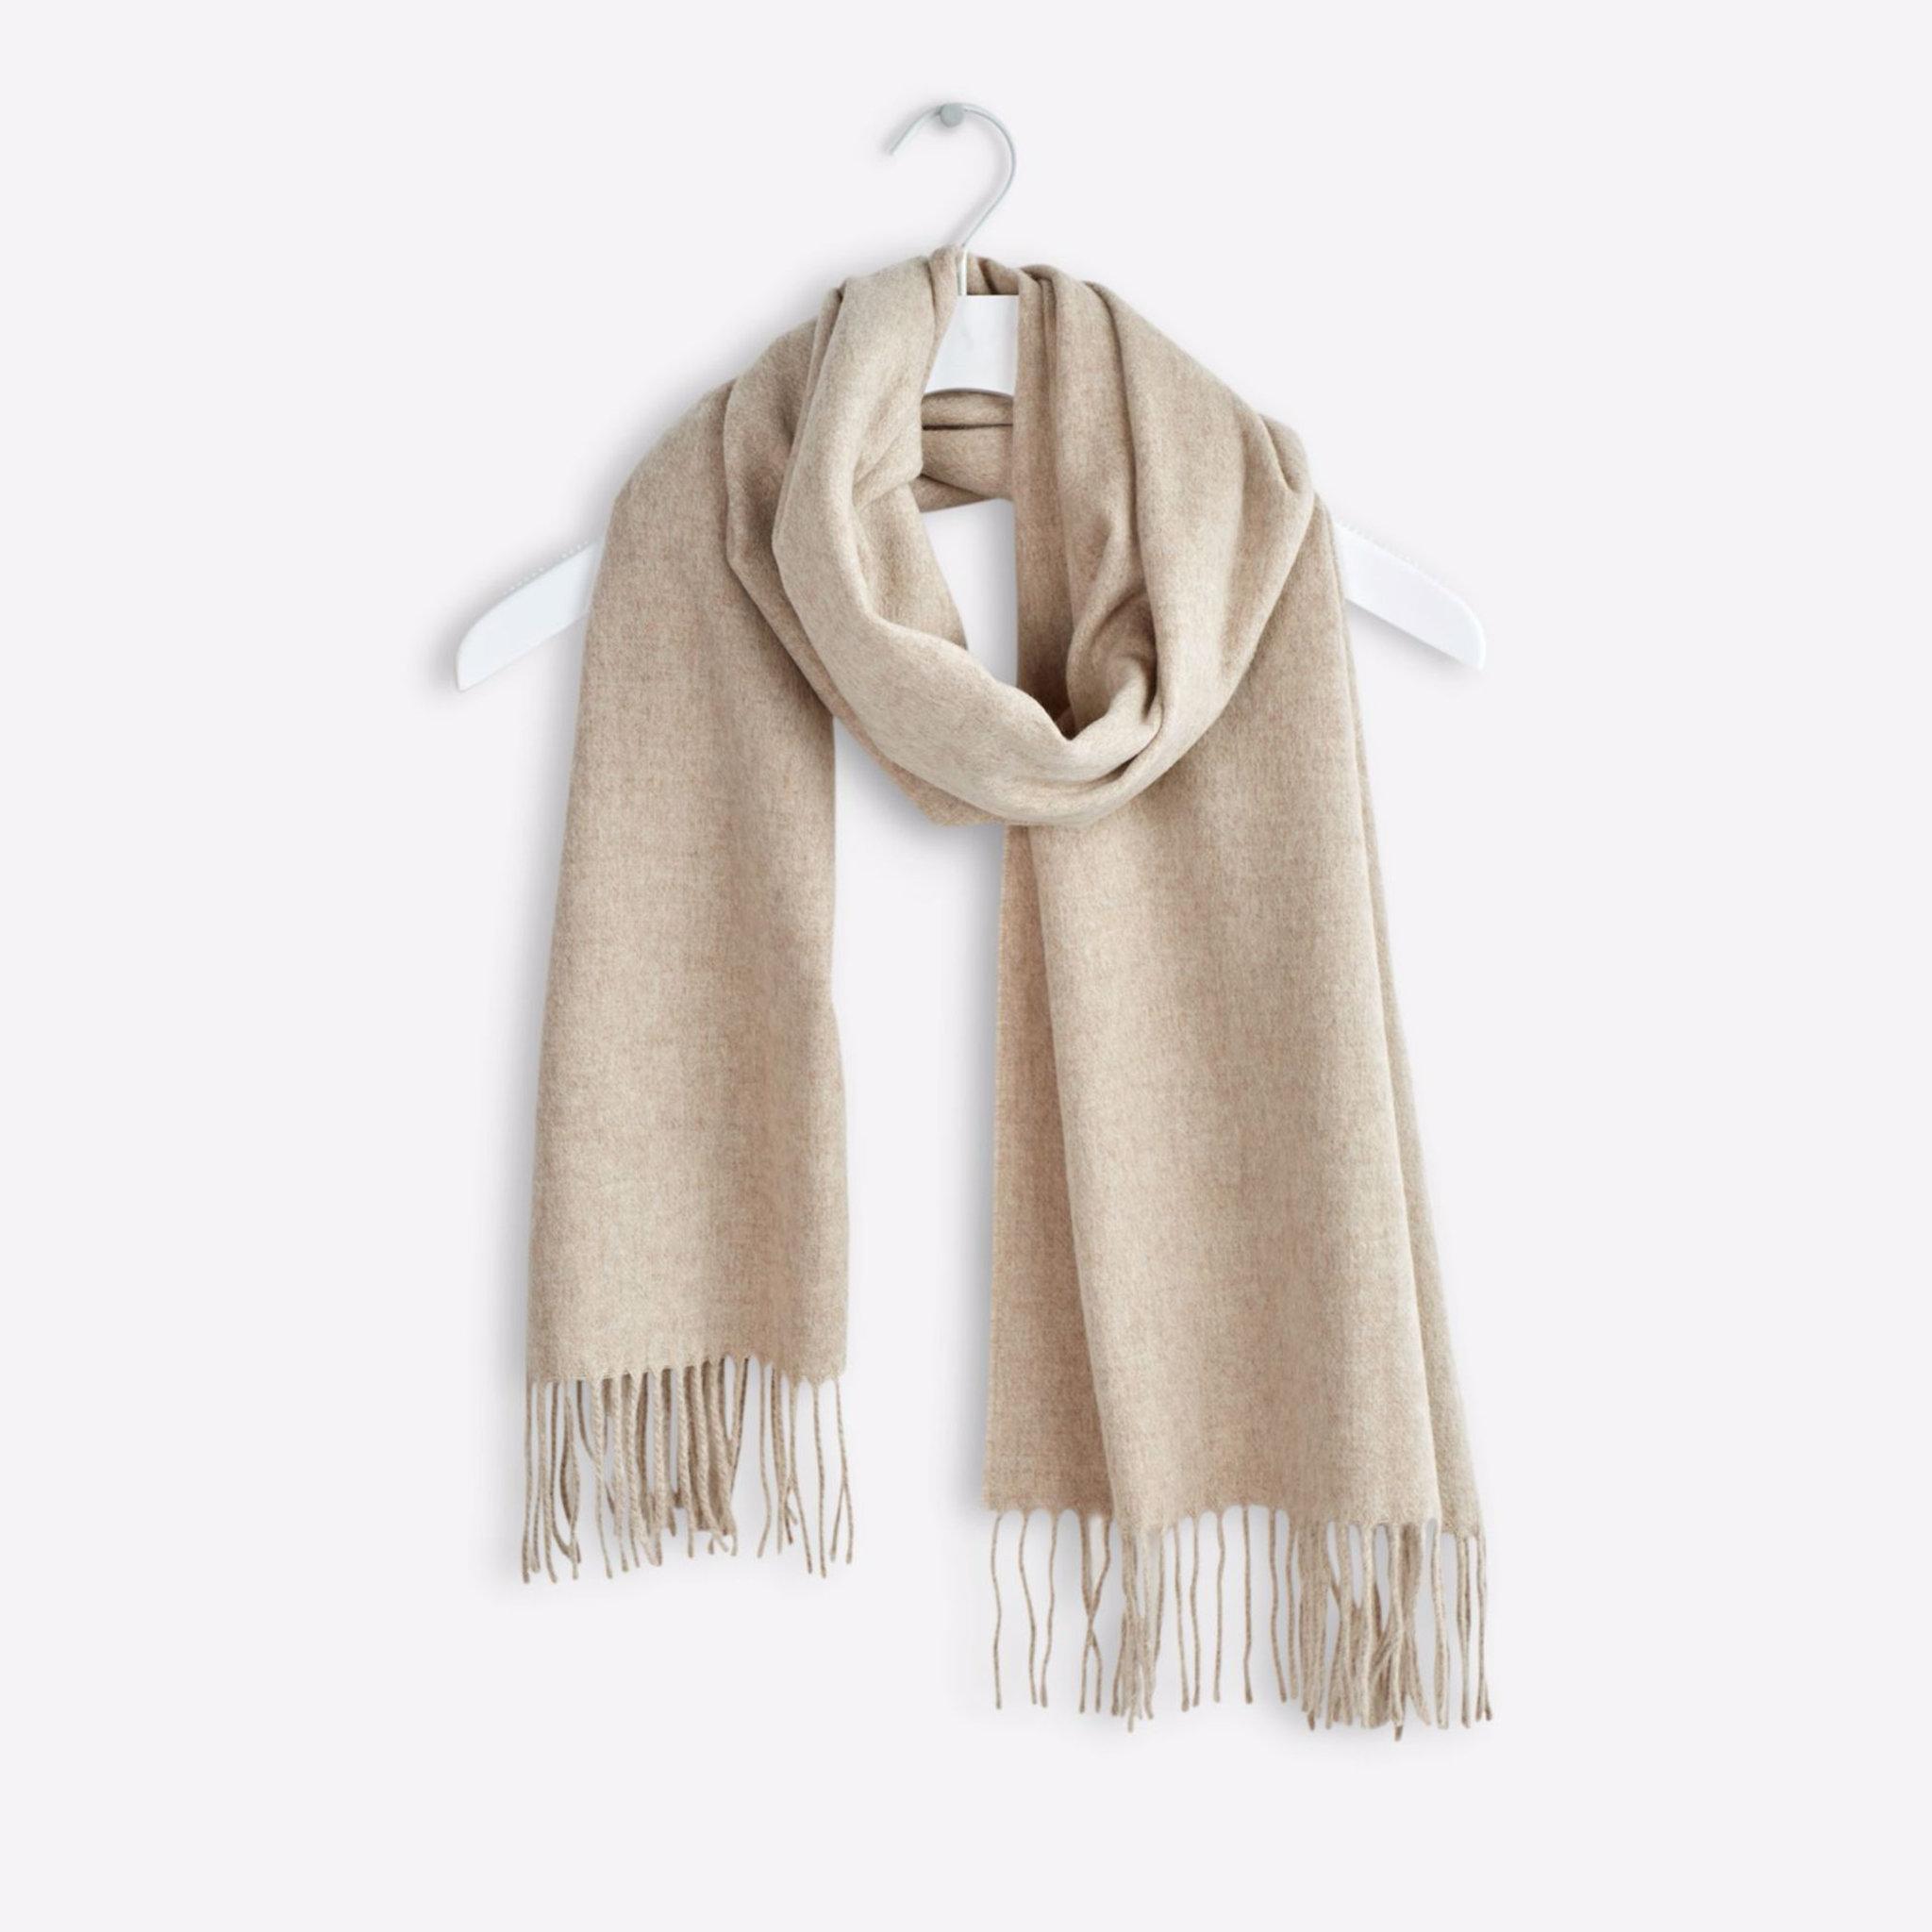 Cashmere Blend Scarf - Halsdukar   scarves - Köp online på åhlens.se! 50dfda6346d67